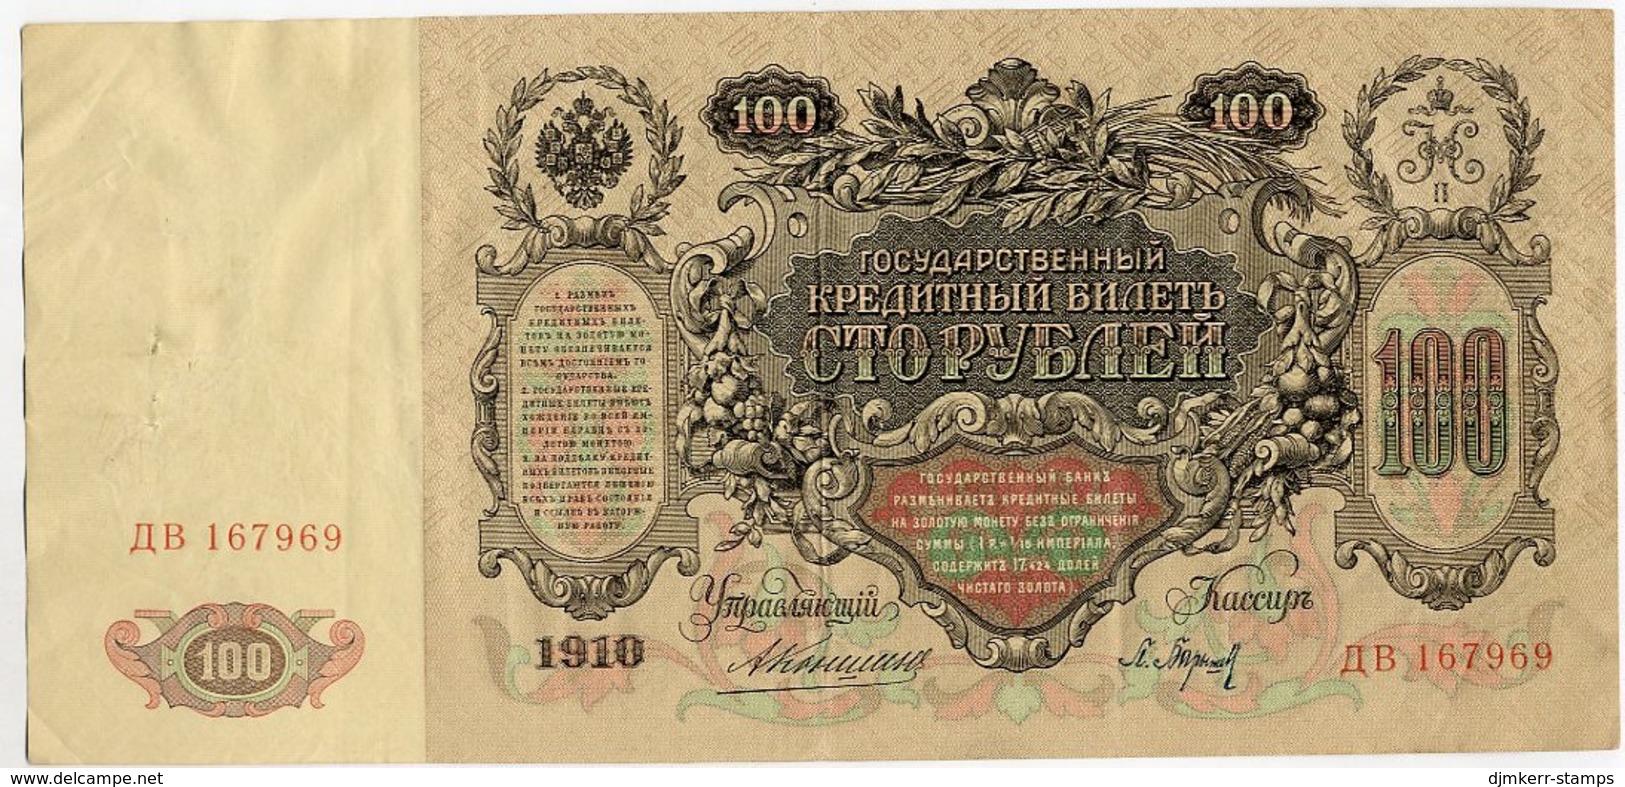 RUSSIA 1911  100 Rub. (Konshin/Baryshev) VF P13b - Russie